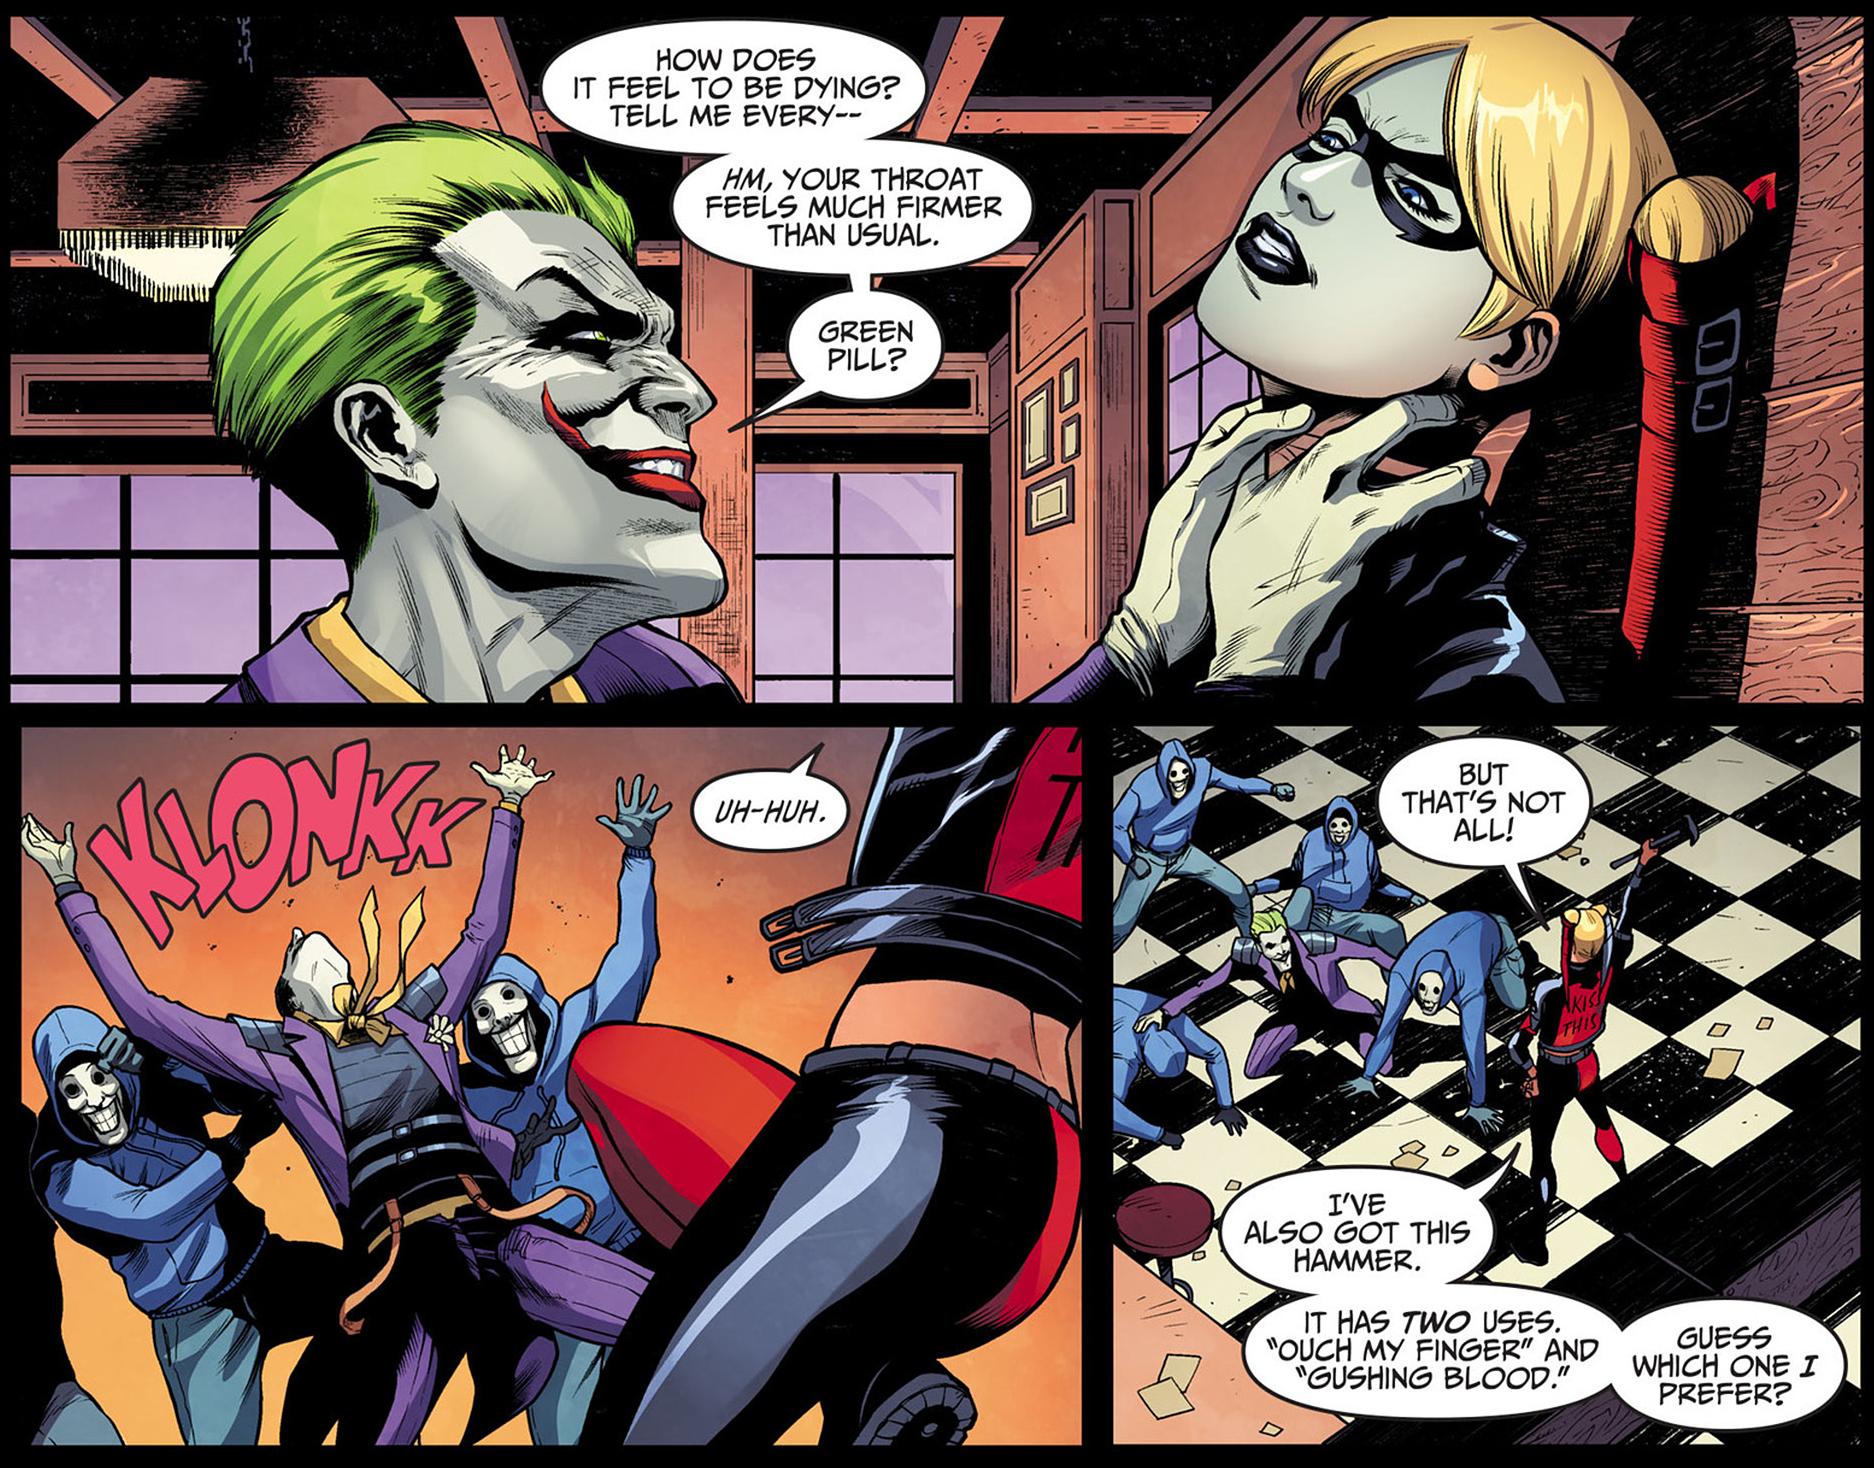 The Joker Vs Harley Quinn Injustice Gods Among